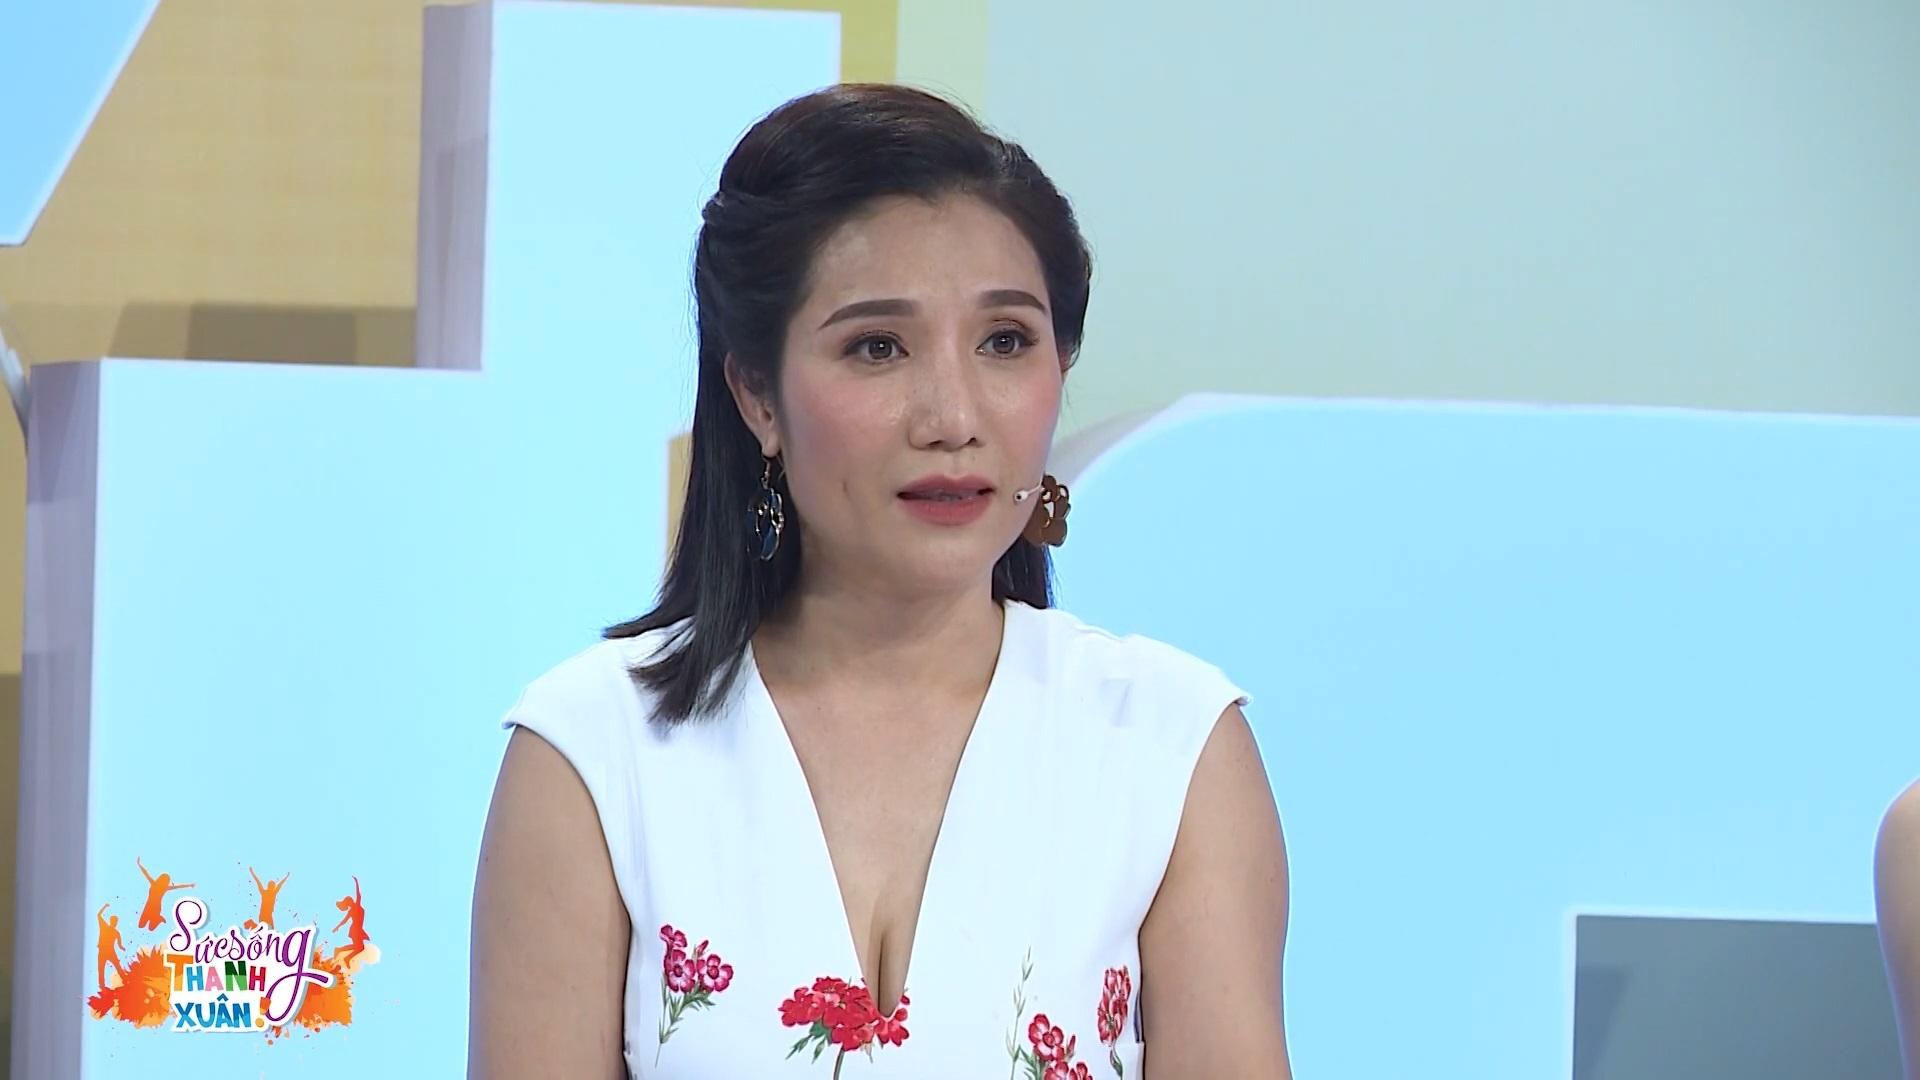 Lê Giang kịch liệt phản đối con gái quen đàn ông đã có vợ